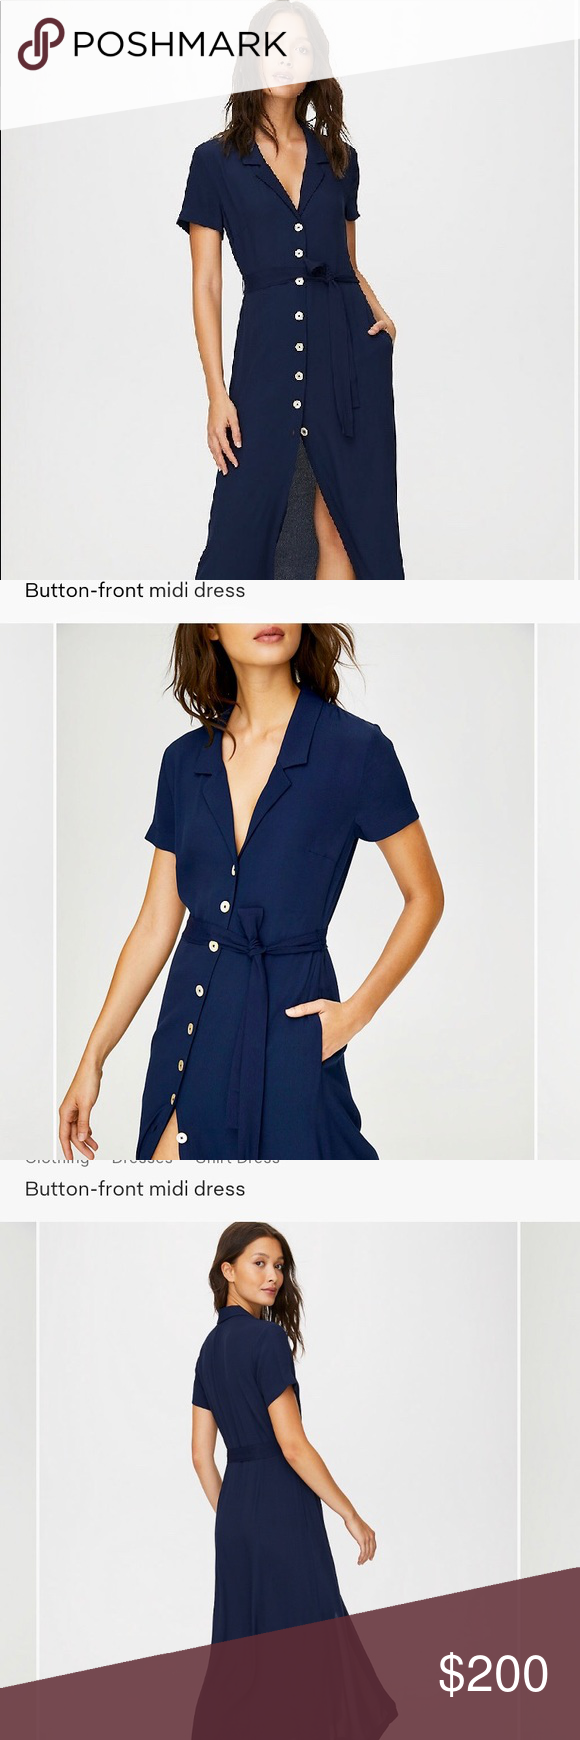 20+ Aritzia wilfred shirt dress ideas in 2021